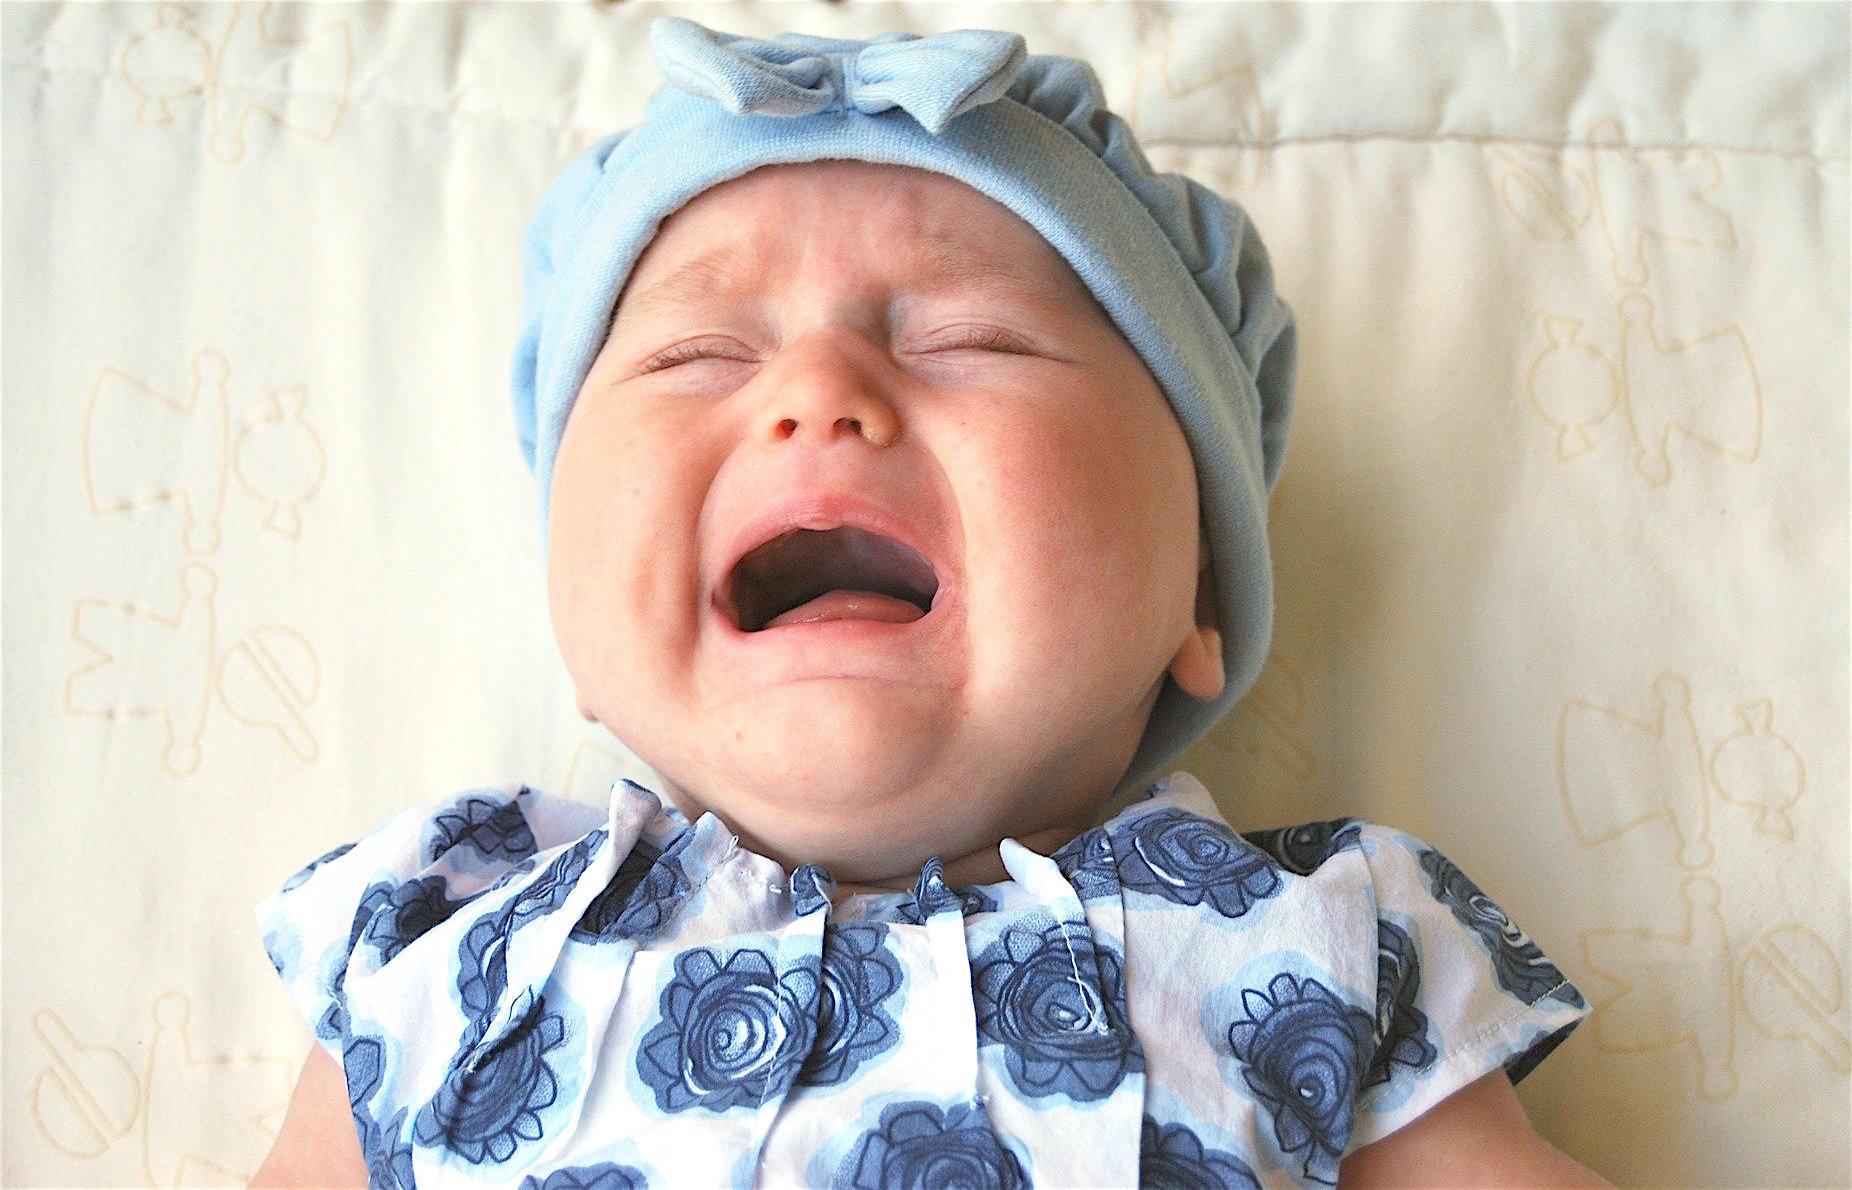 ¿Por qué los bebés lloran sin lágrimas?